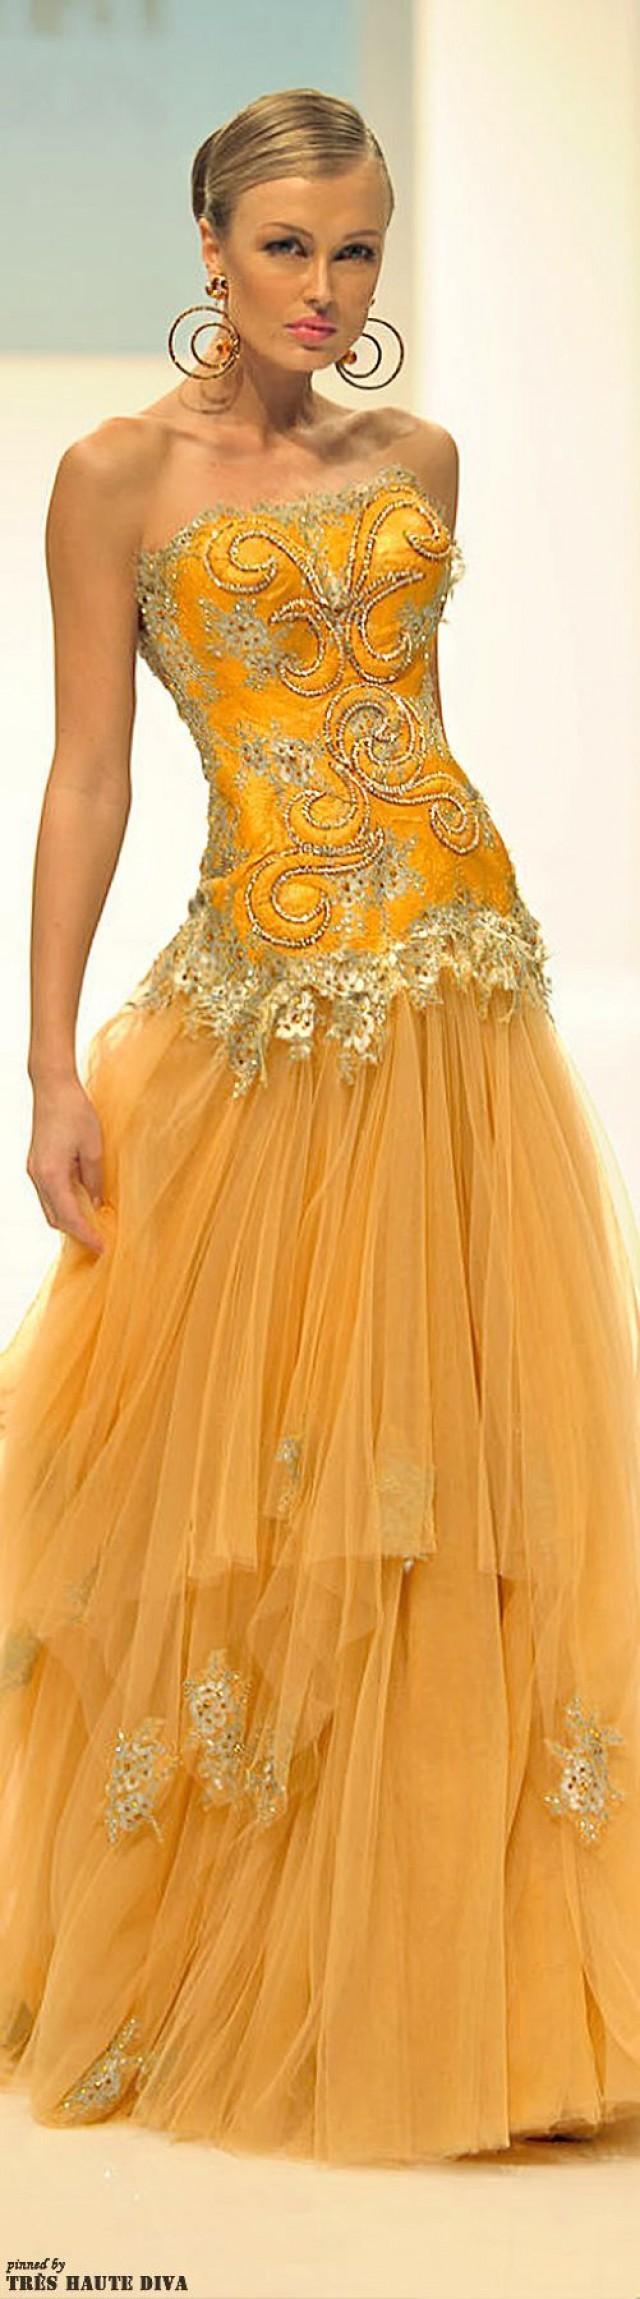 gelbe hochzeits kleider sehnsucht yellows 2104225. Black Bedroom Furniture Sets. Home Design Ideas